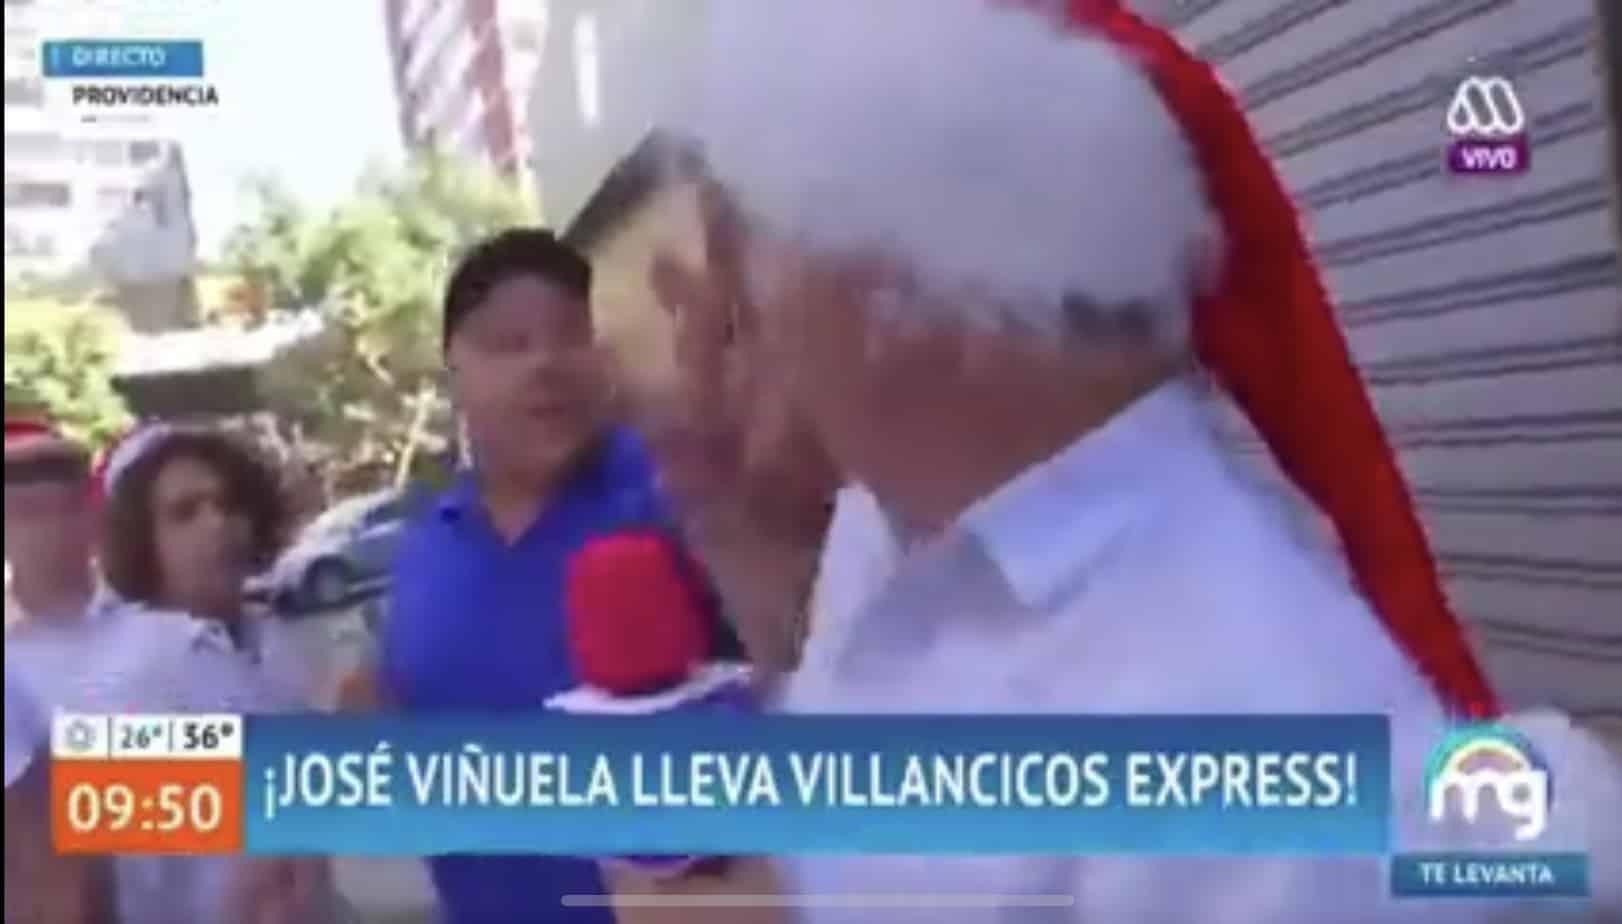 Intentan agredir a Viñuela en plena transmisión del Mucho Gusto